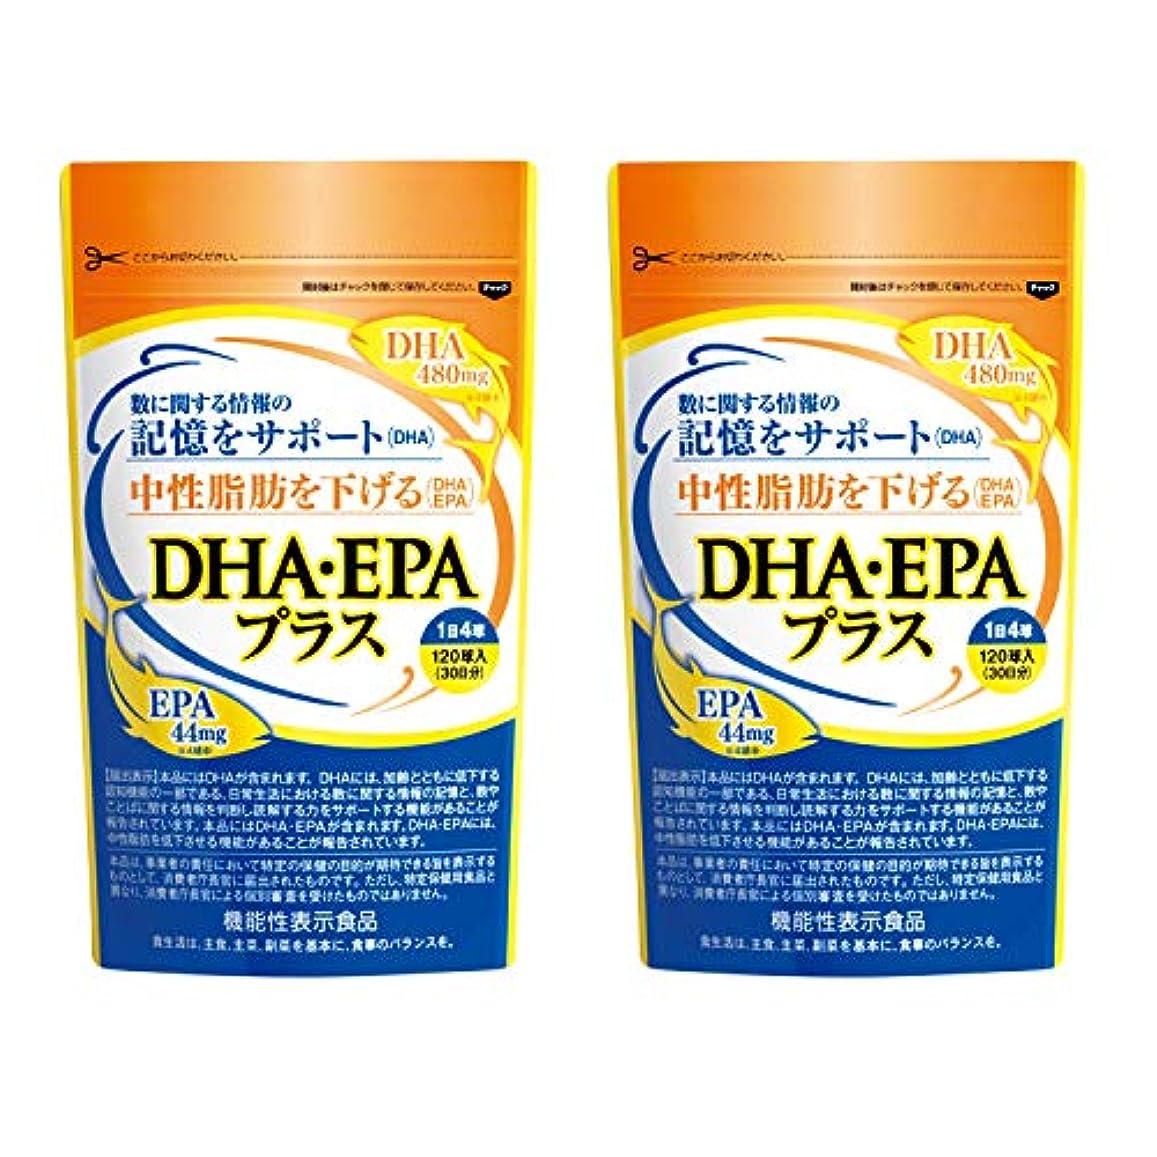 肉ウェーハ迷惑【機能性表示食品】DHA?EPAプラス 2パックセット